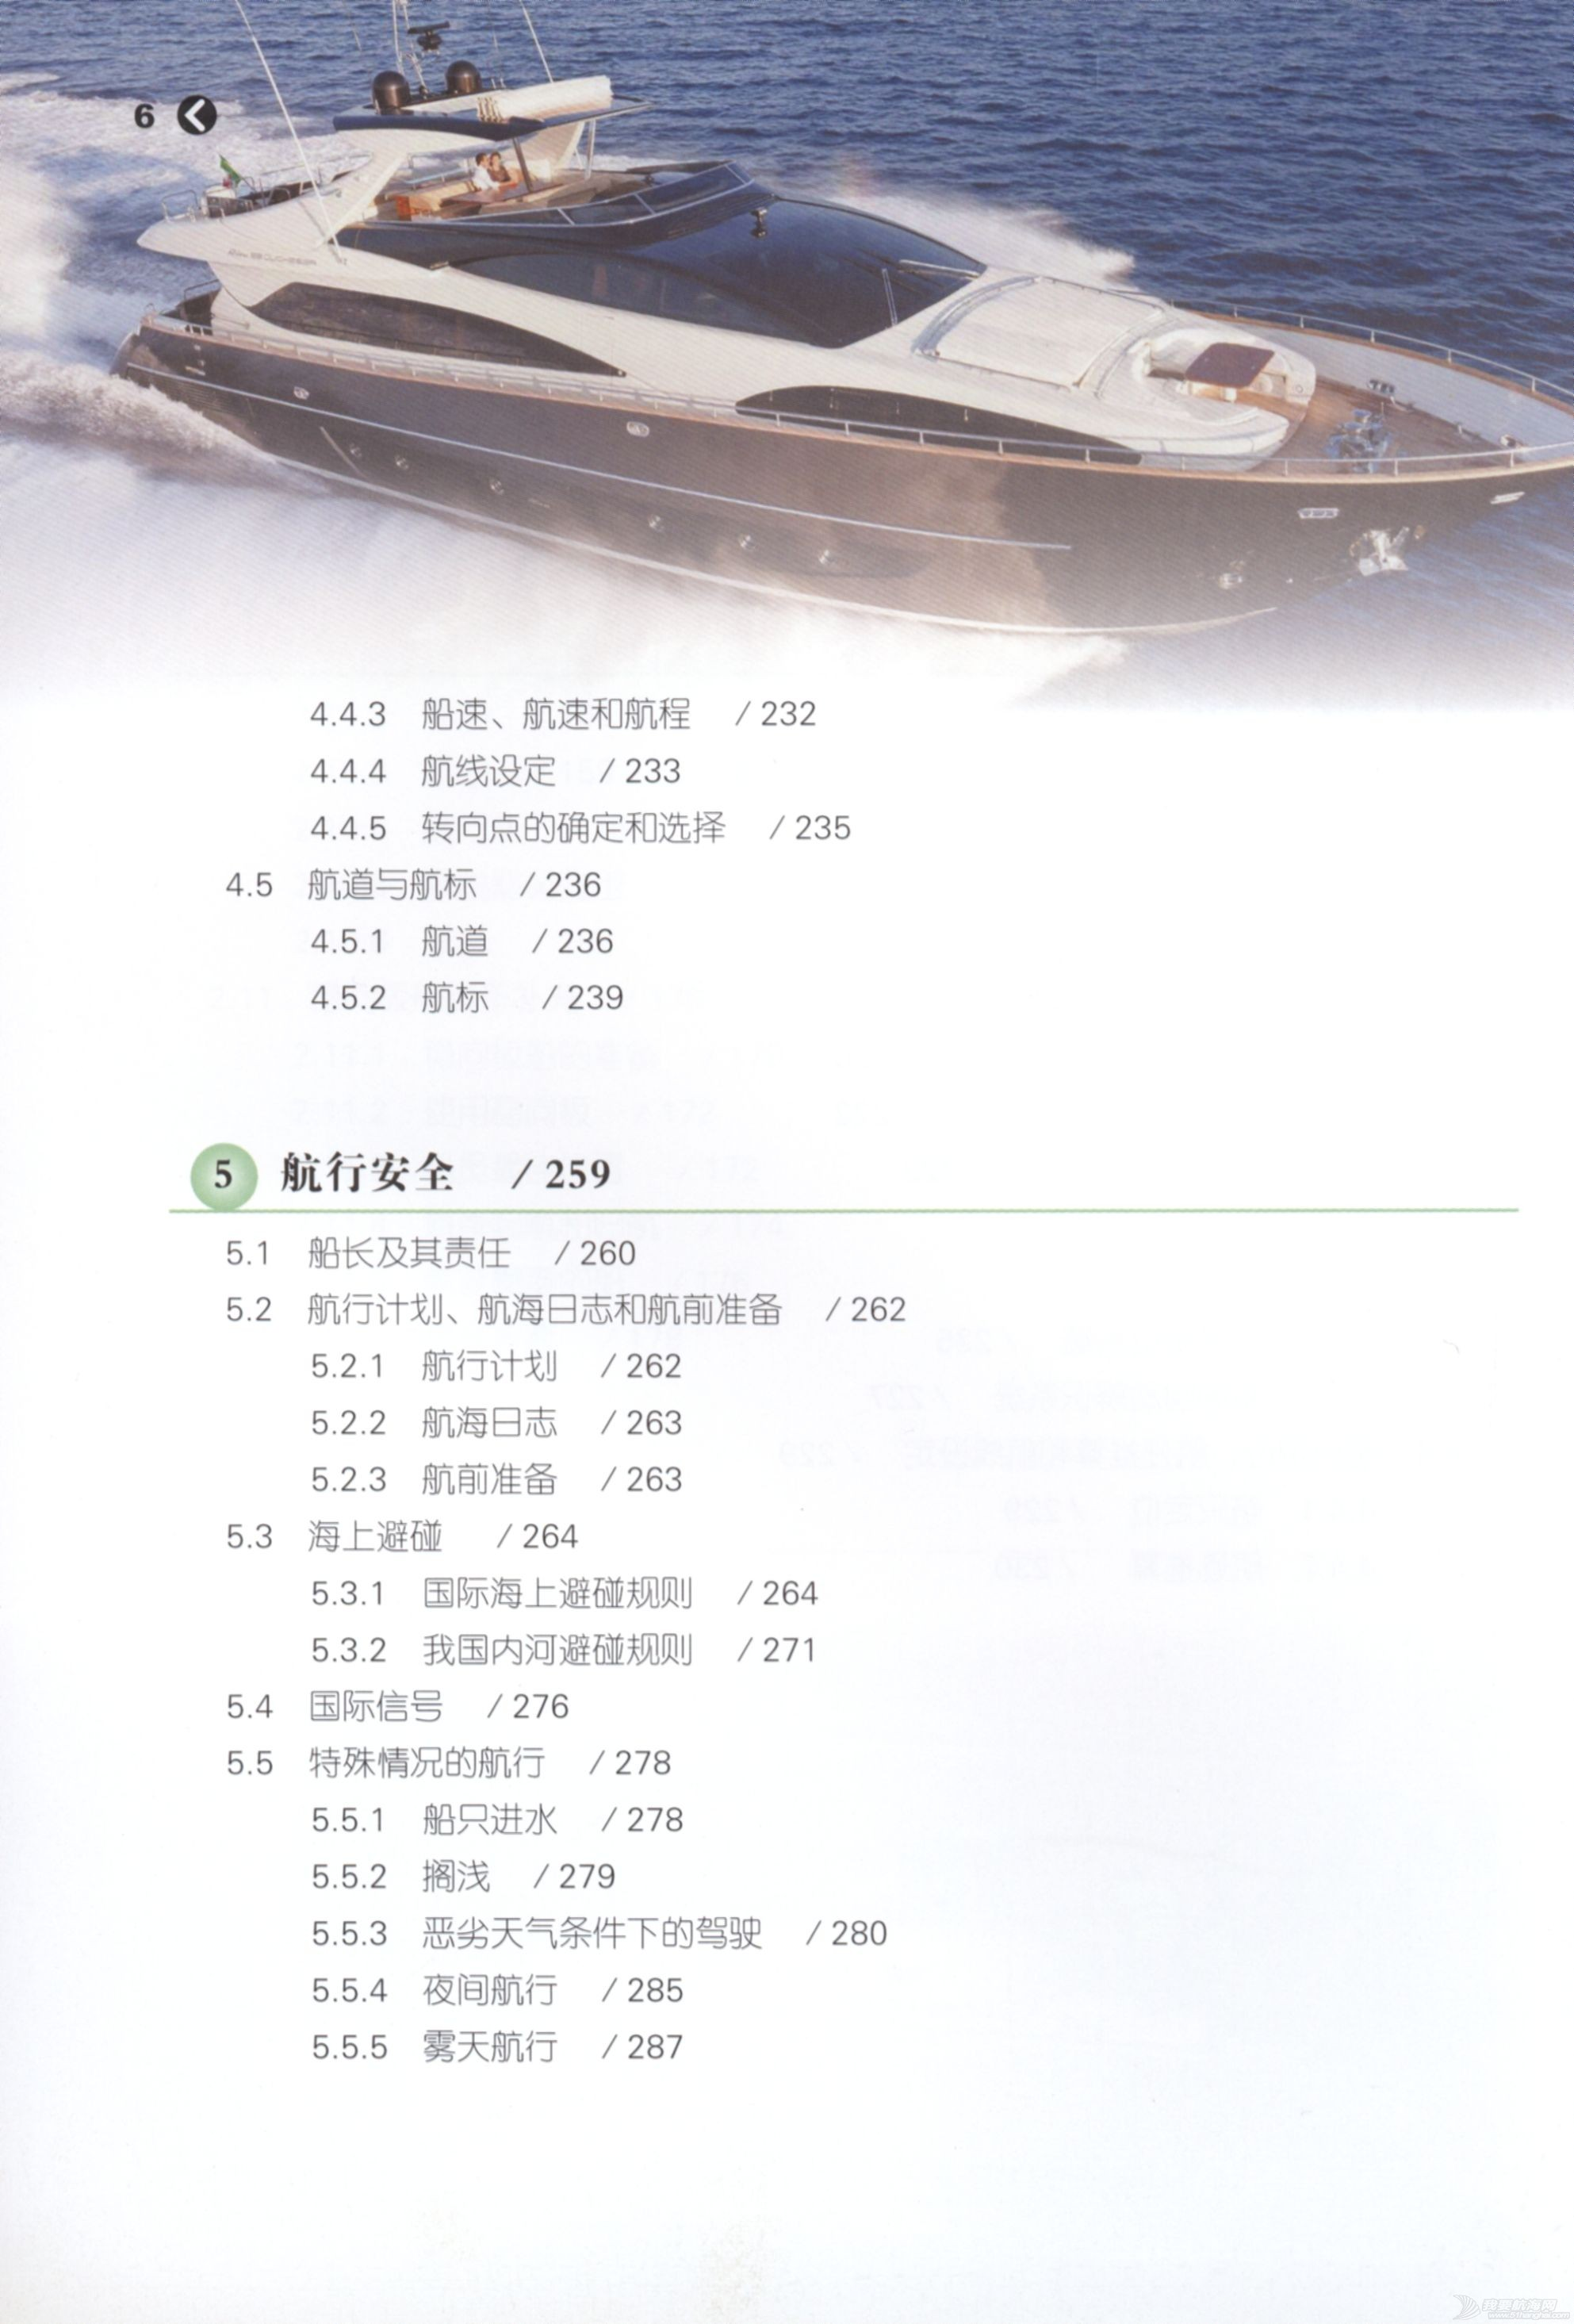 培训教材,TXT下载,帆船,技术 《游艇与帆船操作培训教材》 PDF下载 TXT下载 帆船技术 航海教材 6.jpg